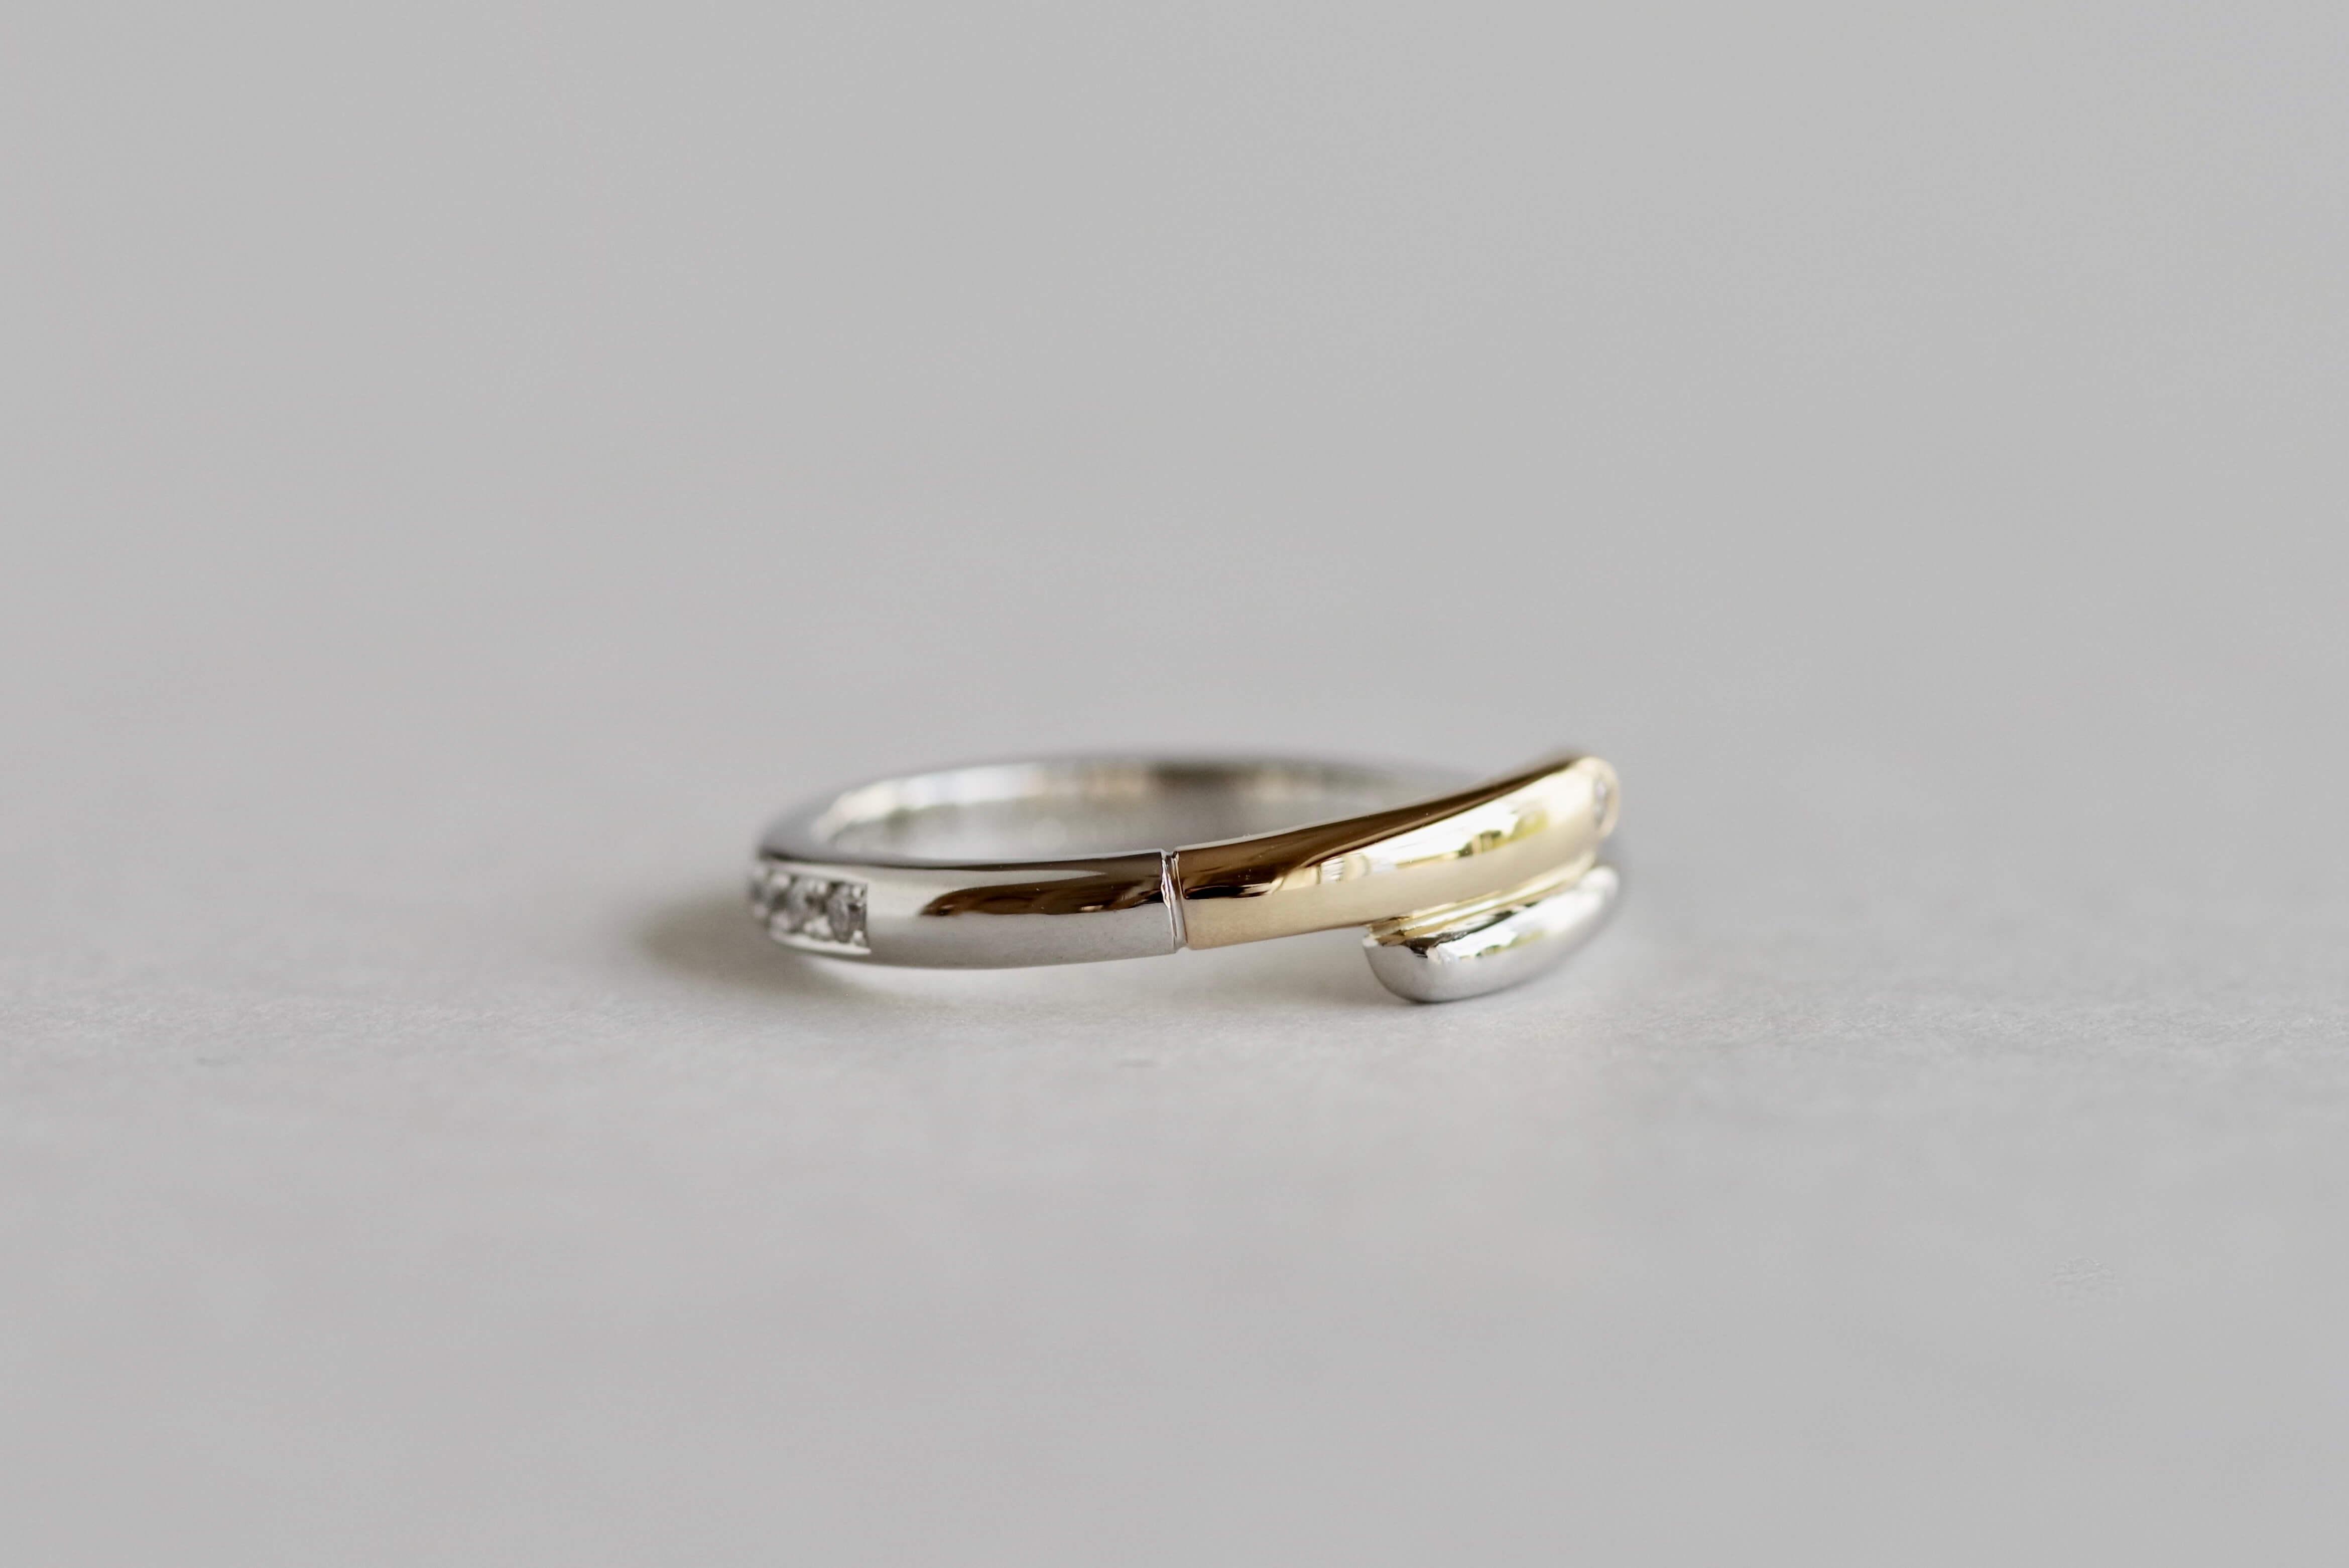 結婚指輪 オーダーメイド 魔法のステッキ 魔法の杖